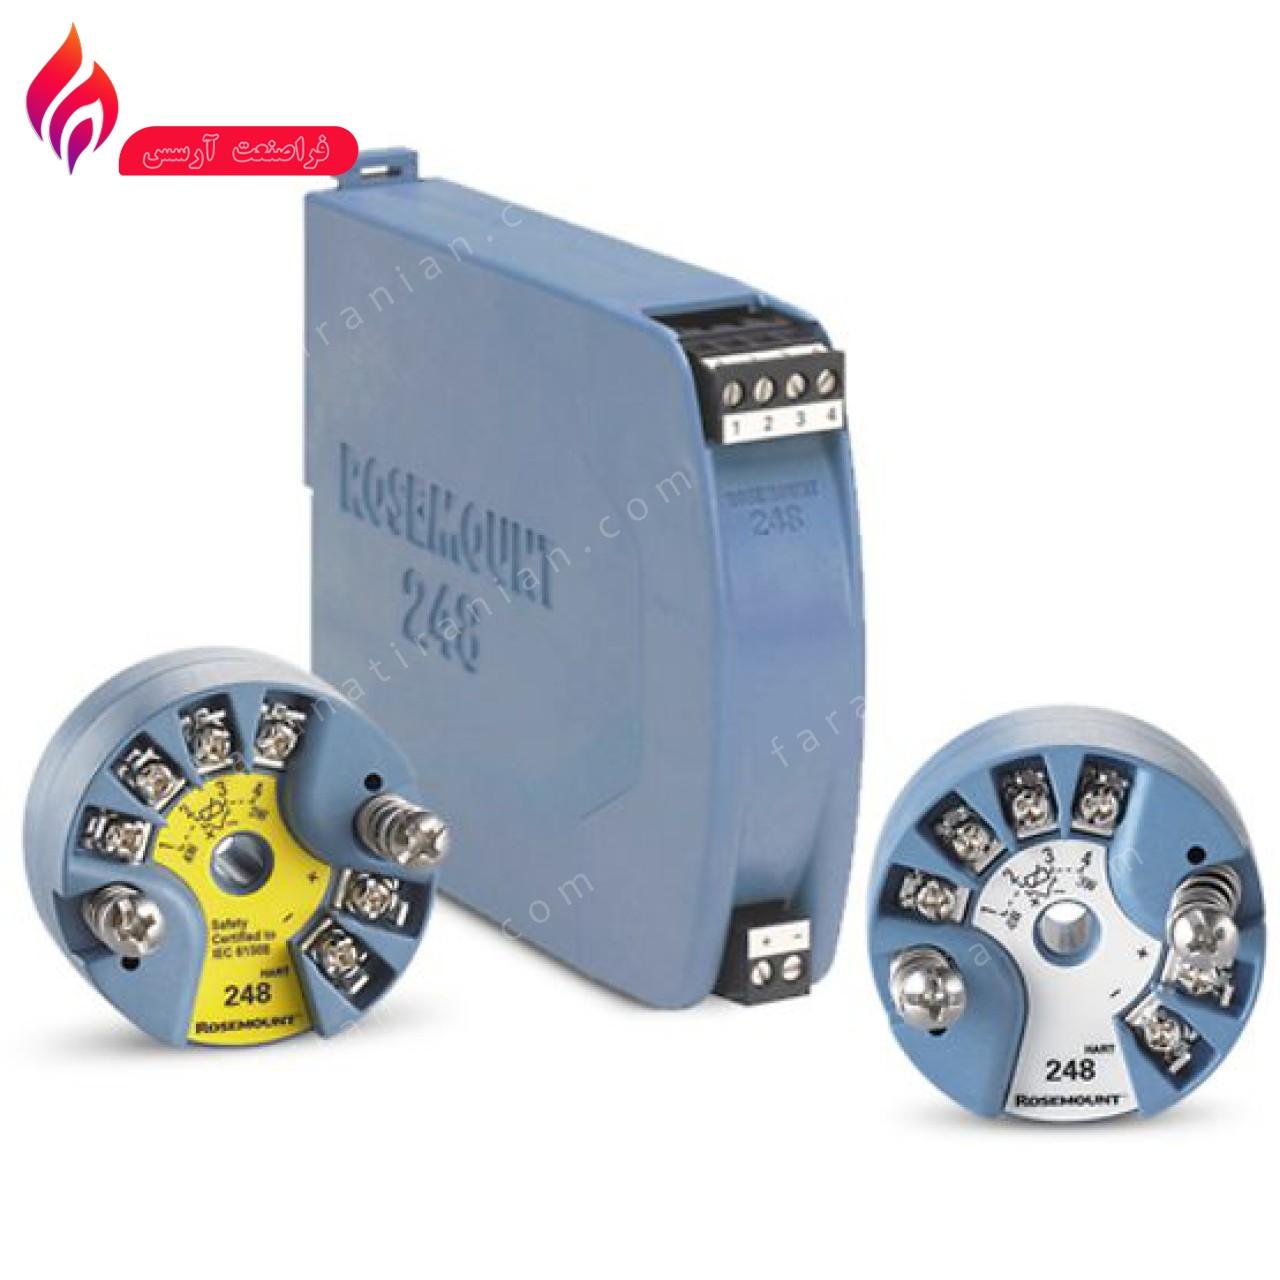 ترانسمیتر دما روزمونت مدل 248H